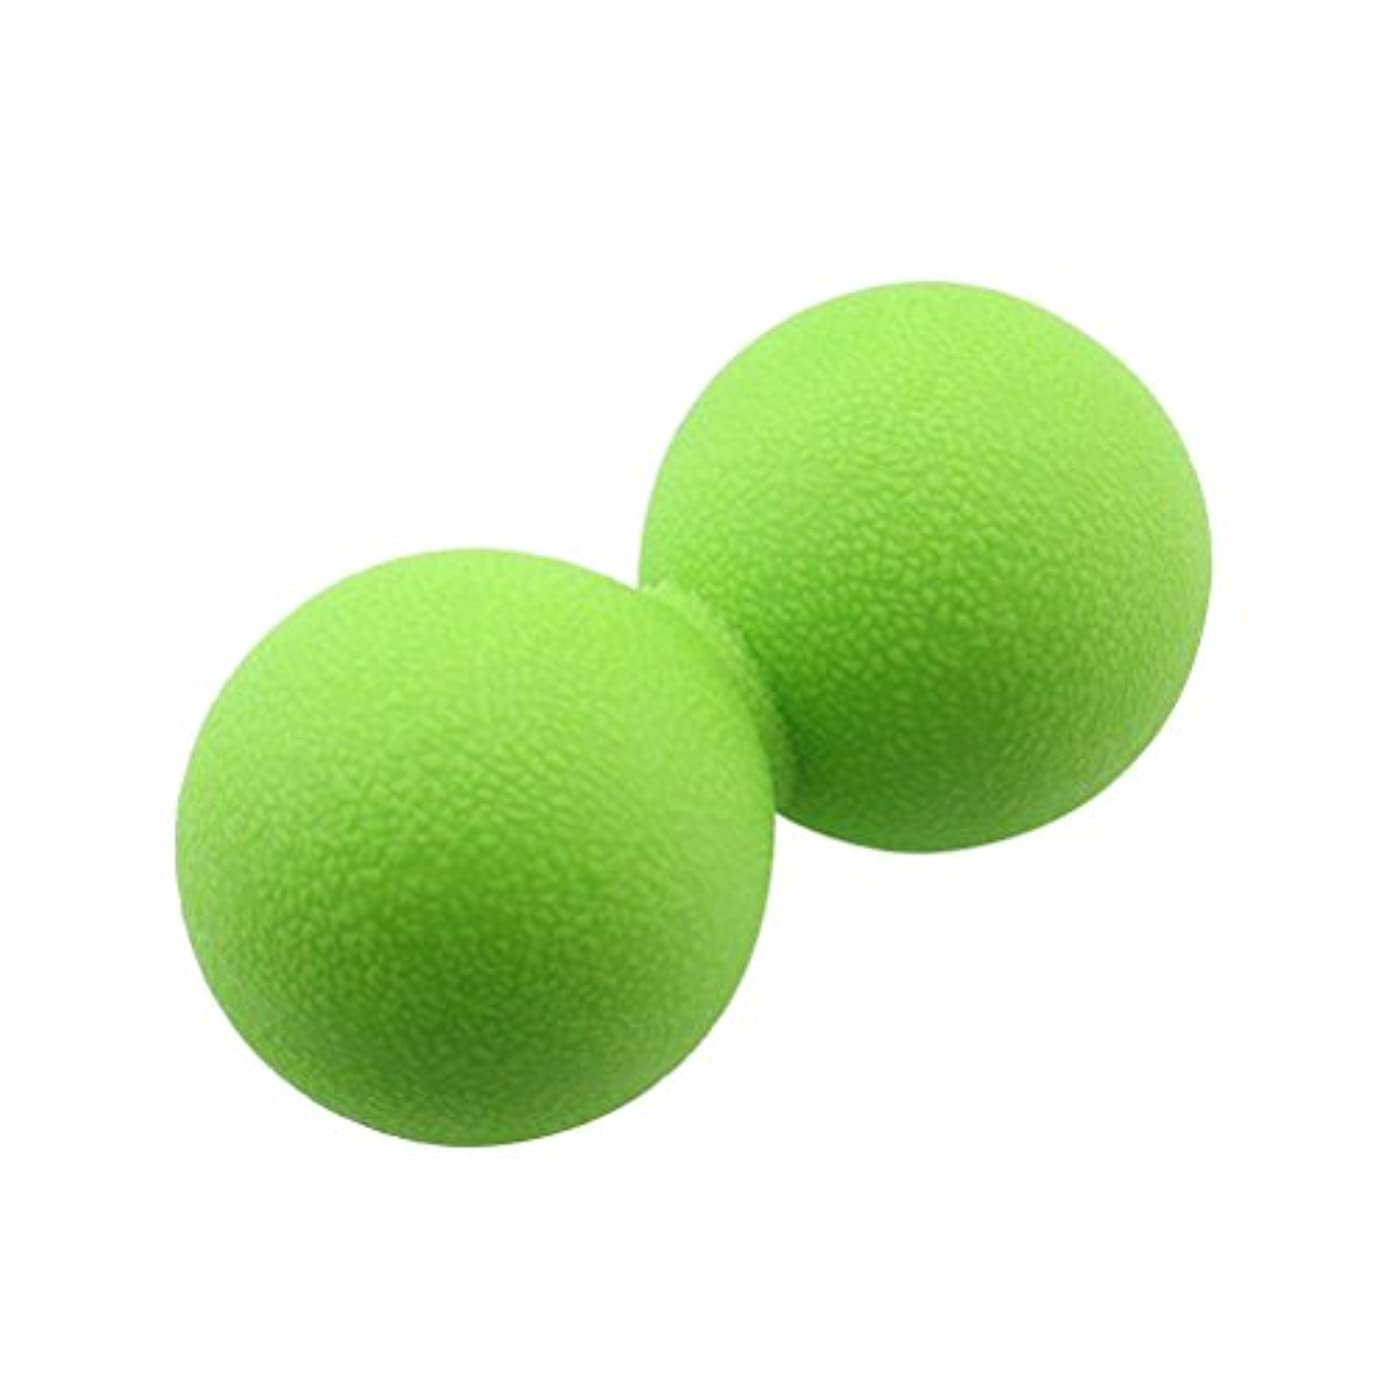 コーヒー狂人ハドルVORCOOL マッサージボール ストレッチボール ハードタイプ トリガーポイント トレーニング 背中 肩こり 腰 ふくらはぎ 足裏 ツボ押しグッズ スーパーハードタイプ 筋肉痛を改善 運動前後(緑)